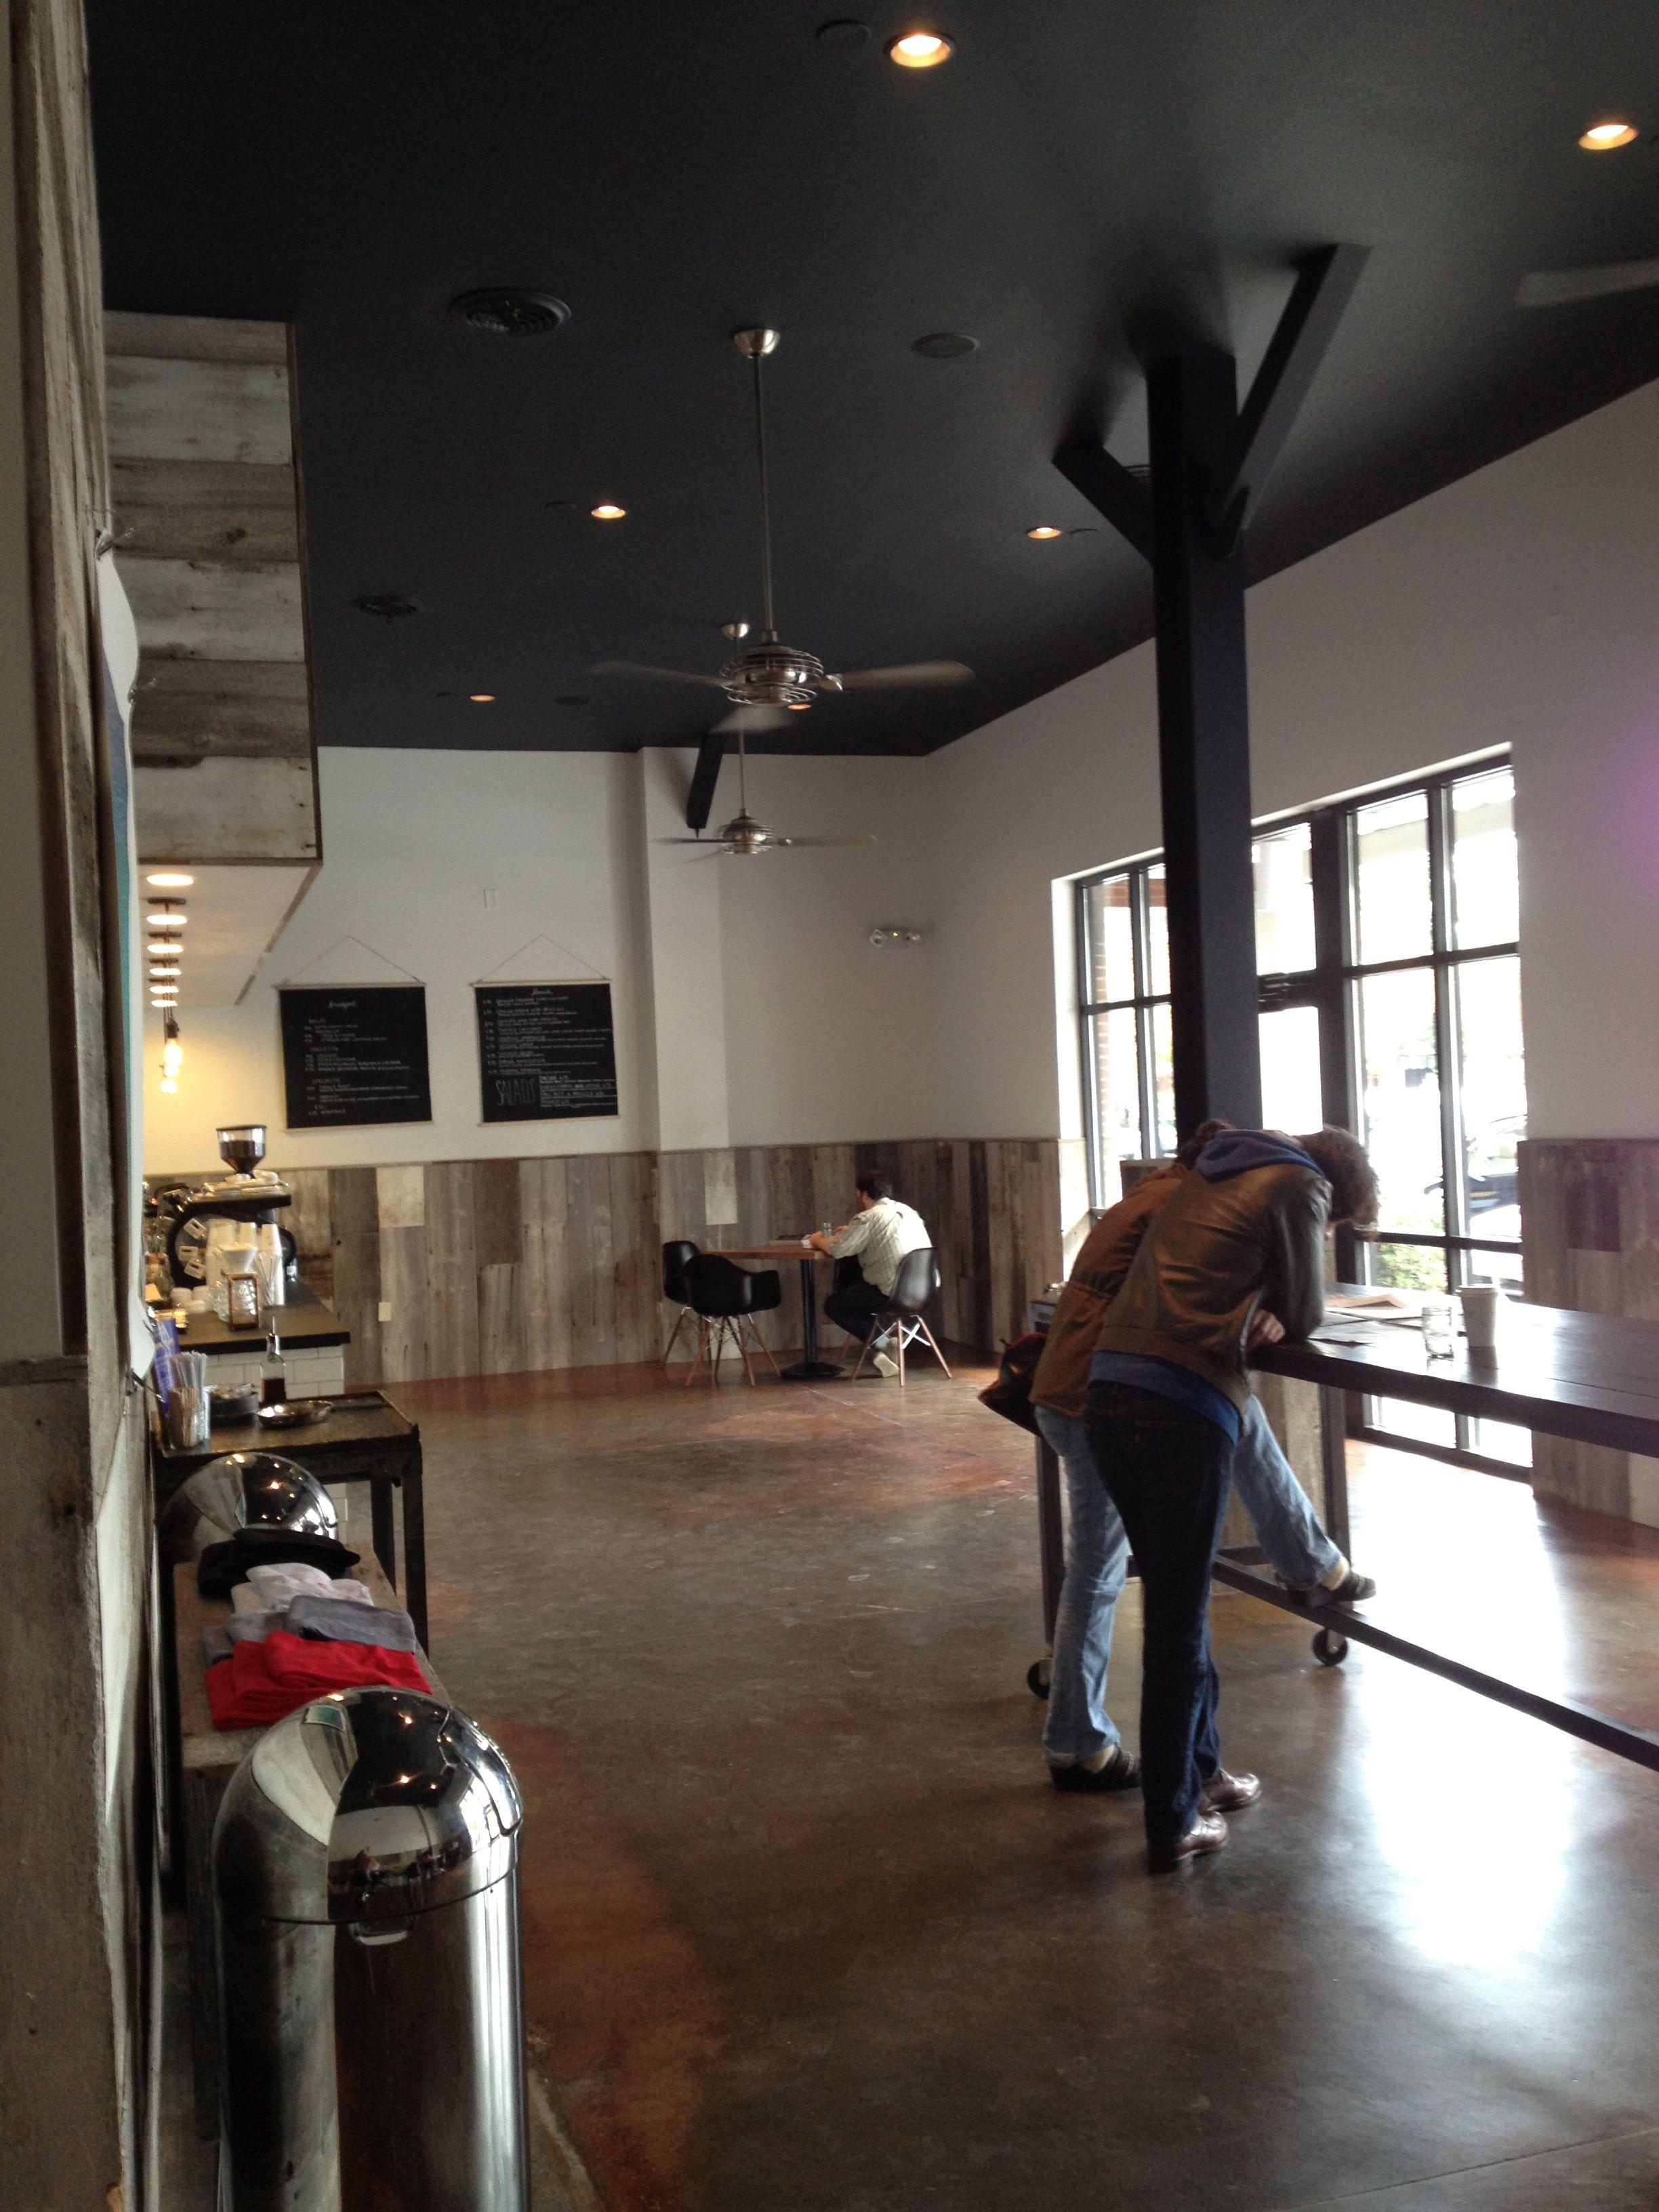 Barn Board design at The Collective in Mt. Pleasant, SC ...